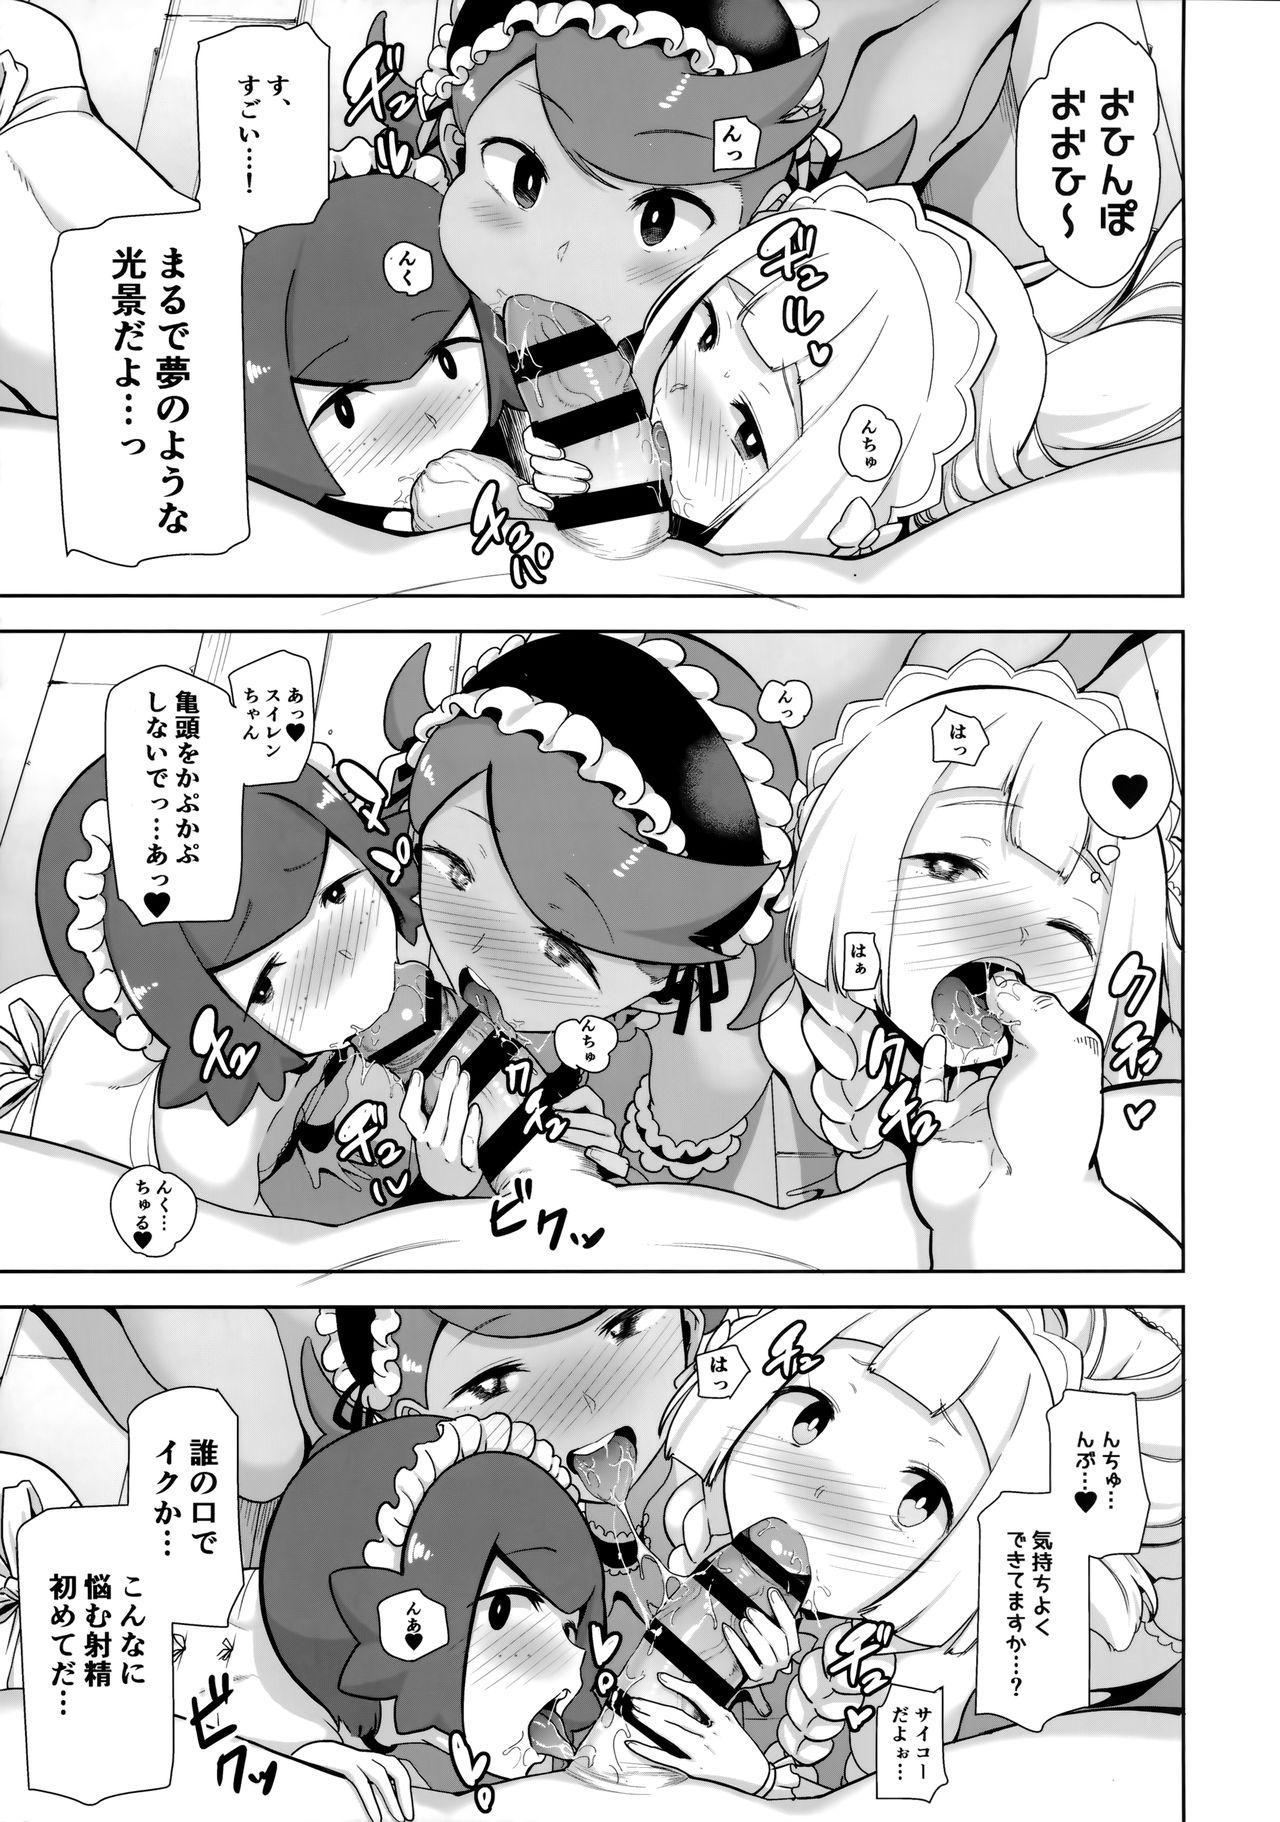 Alola no Yoru no Sugata 5 5